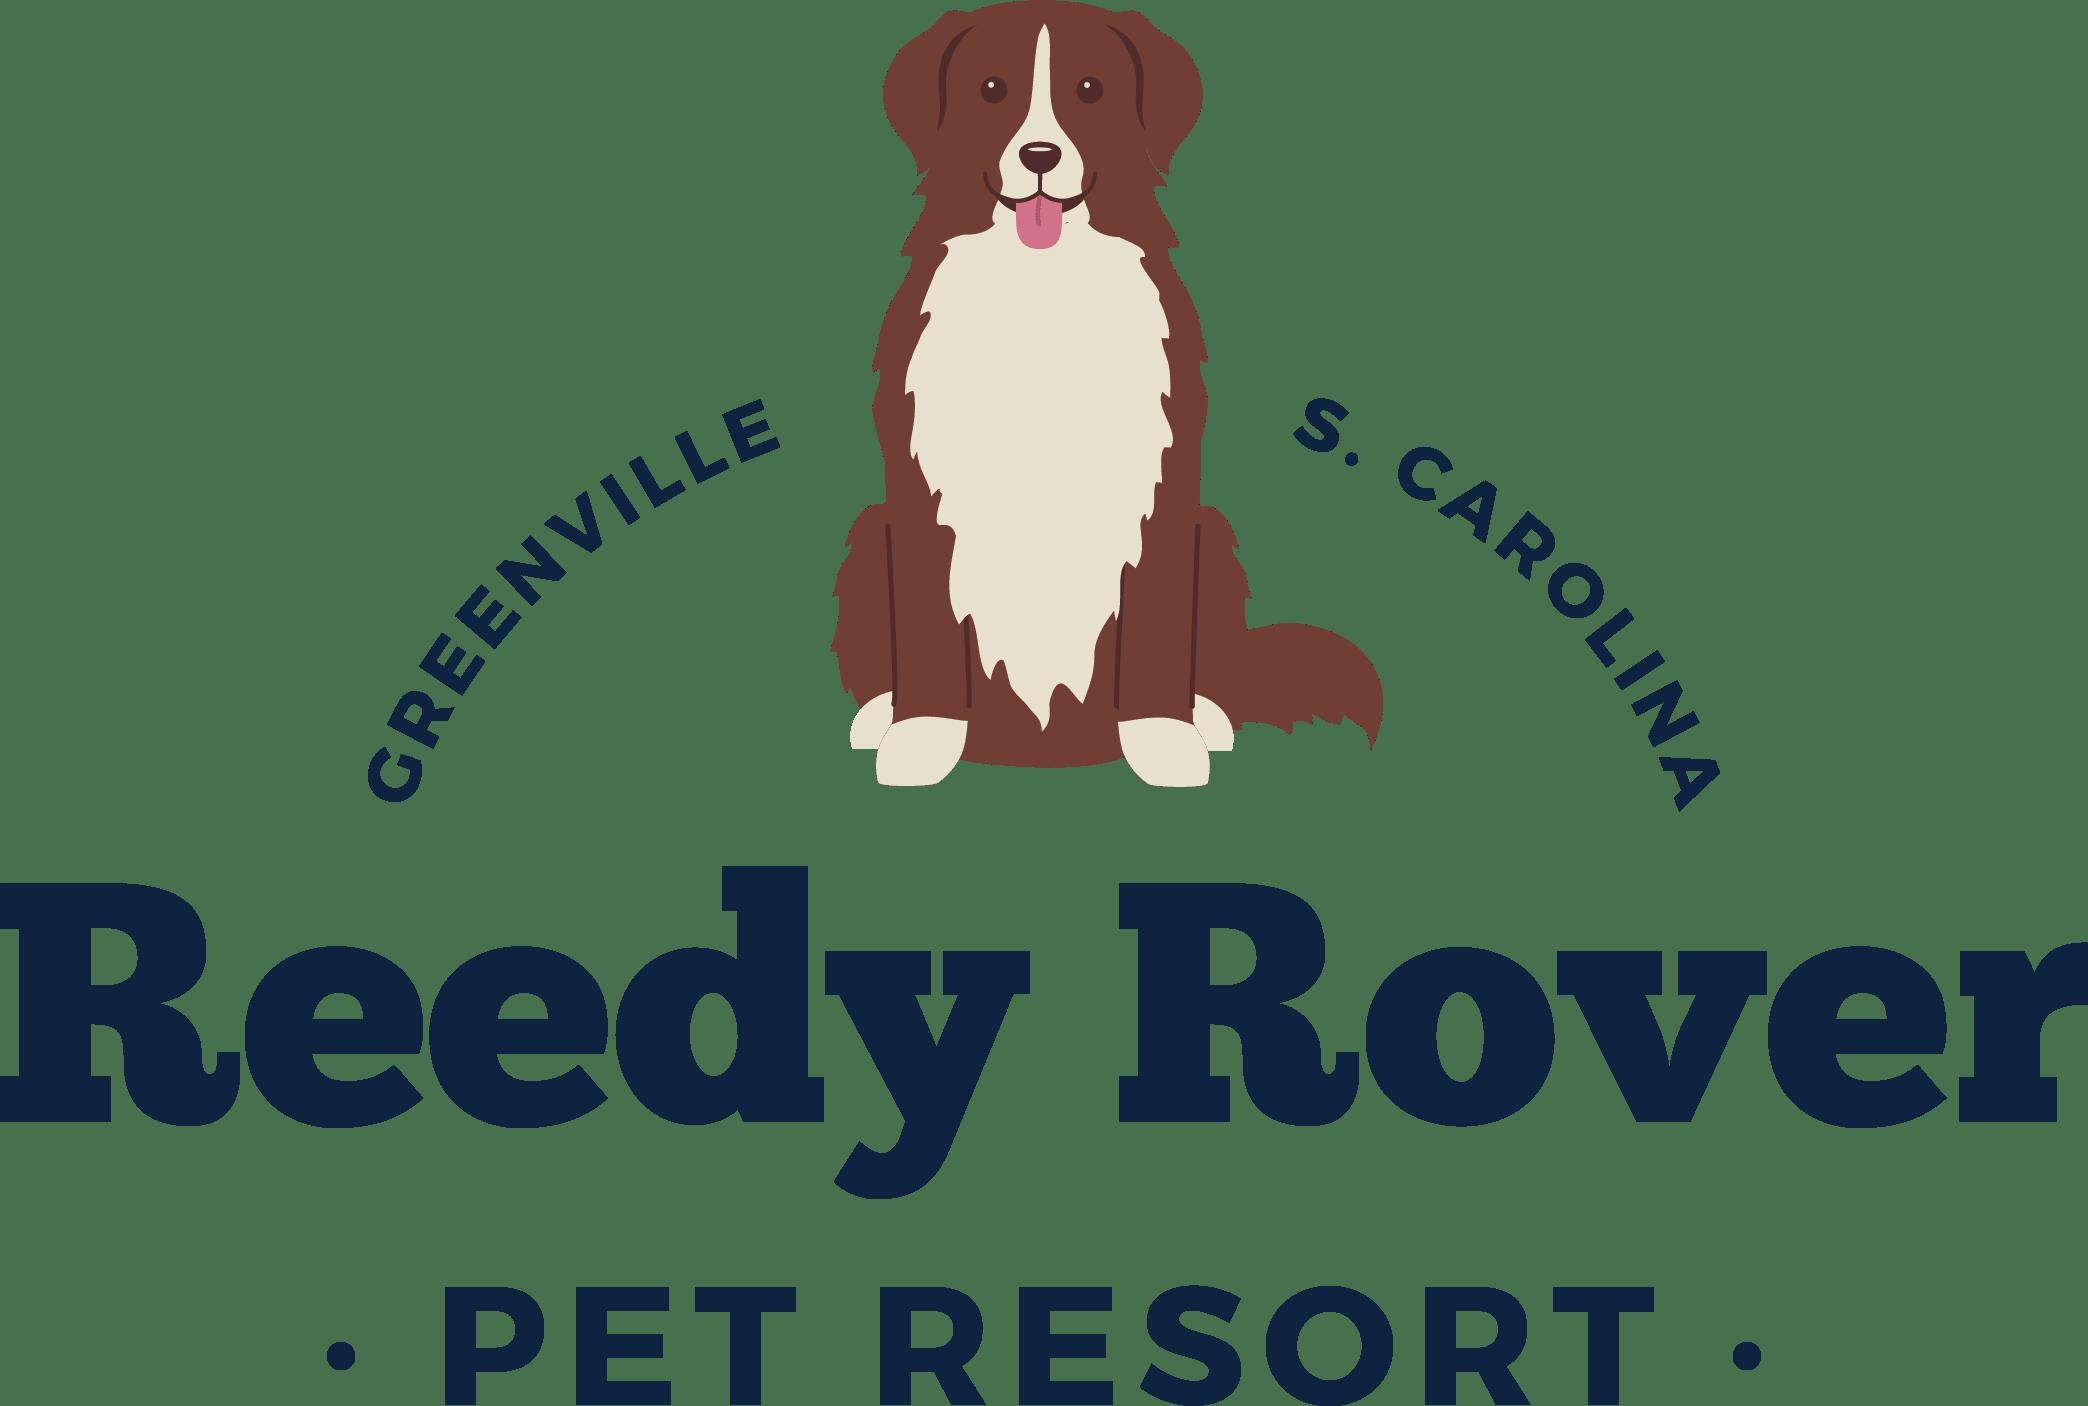 Reedy Rover